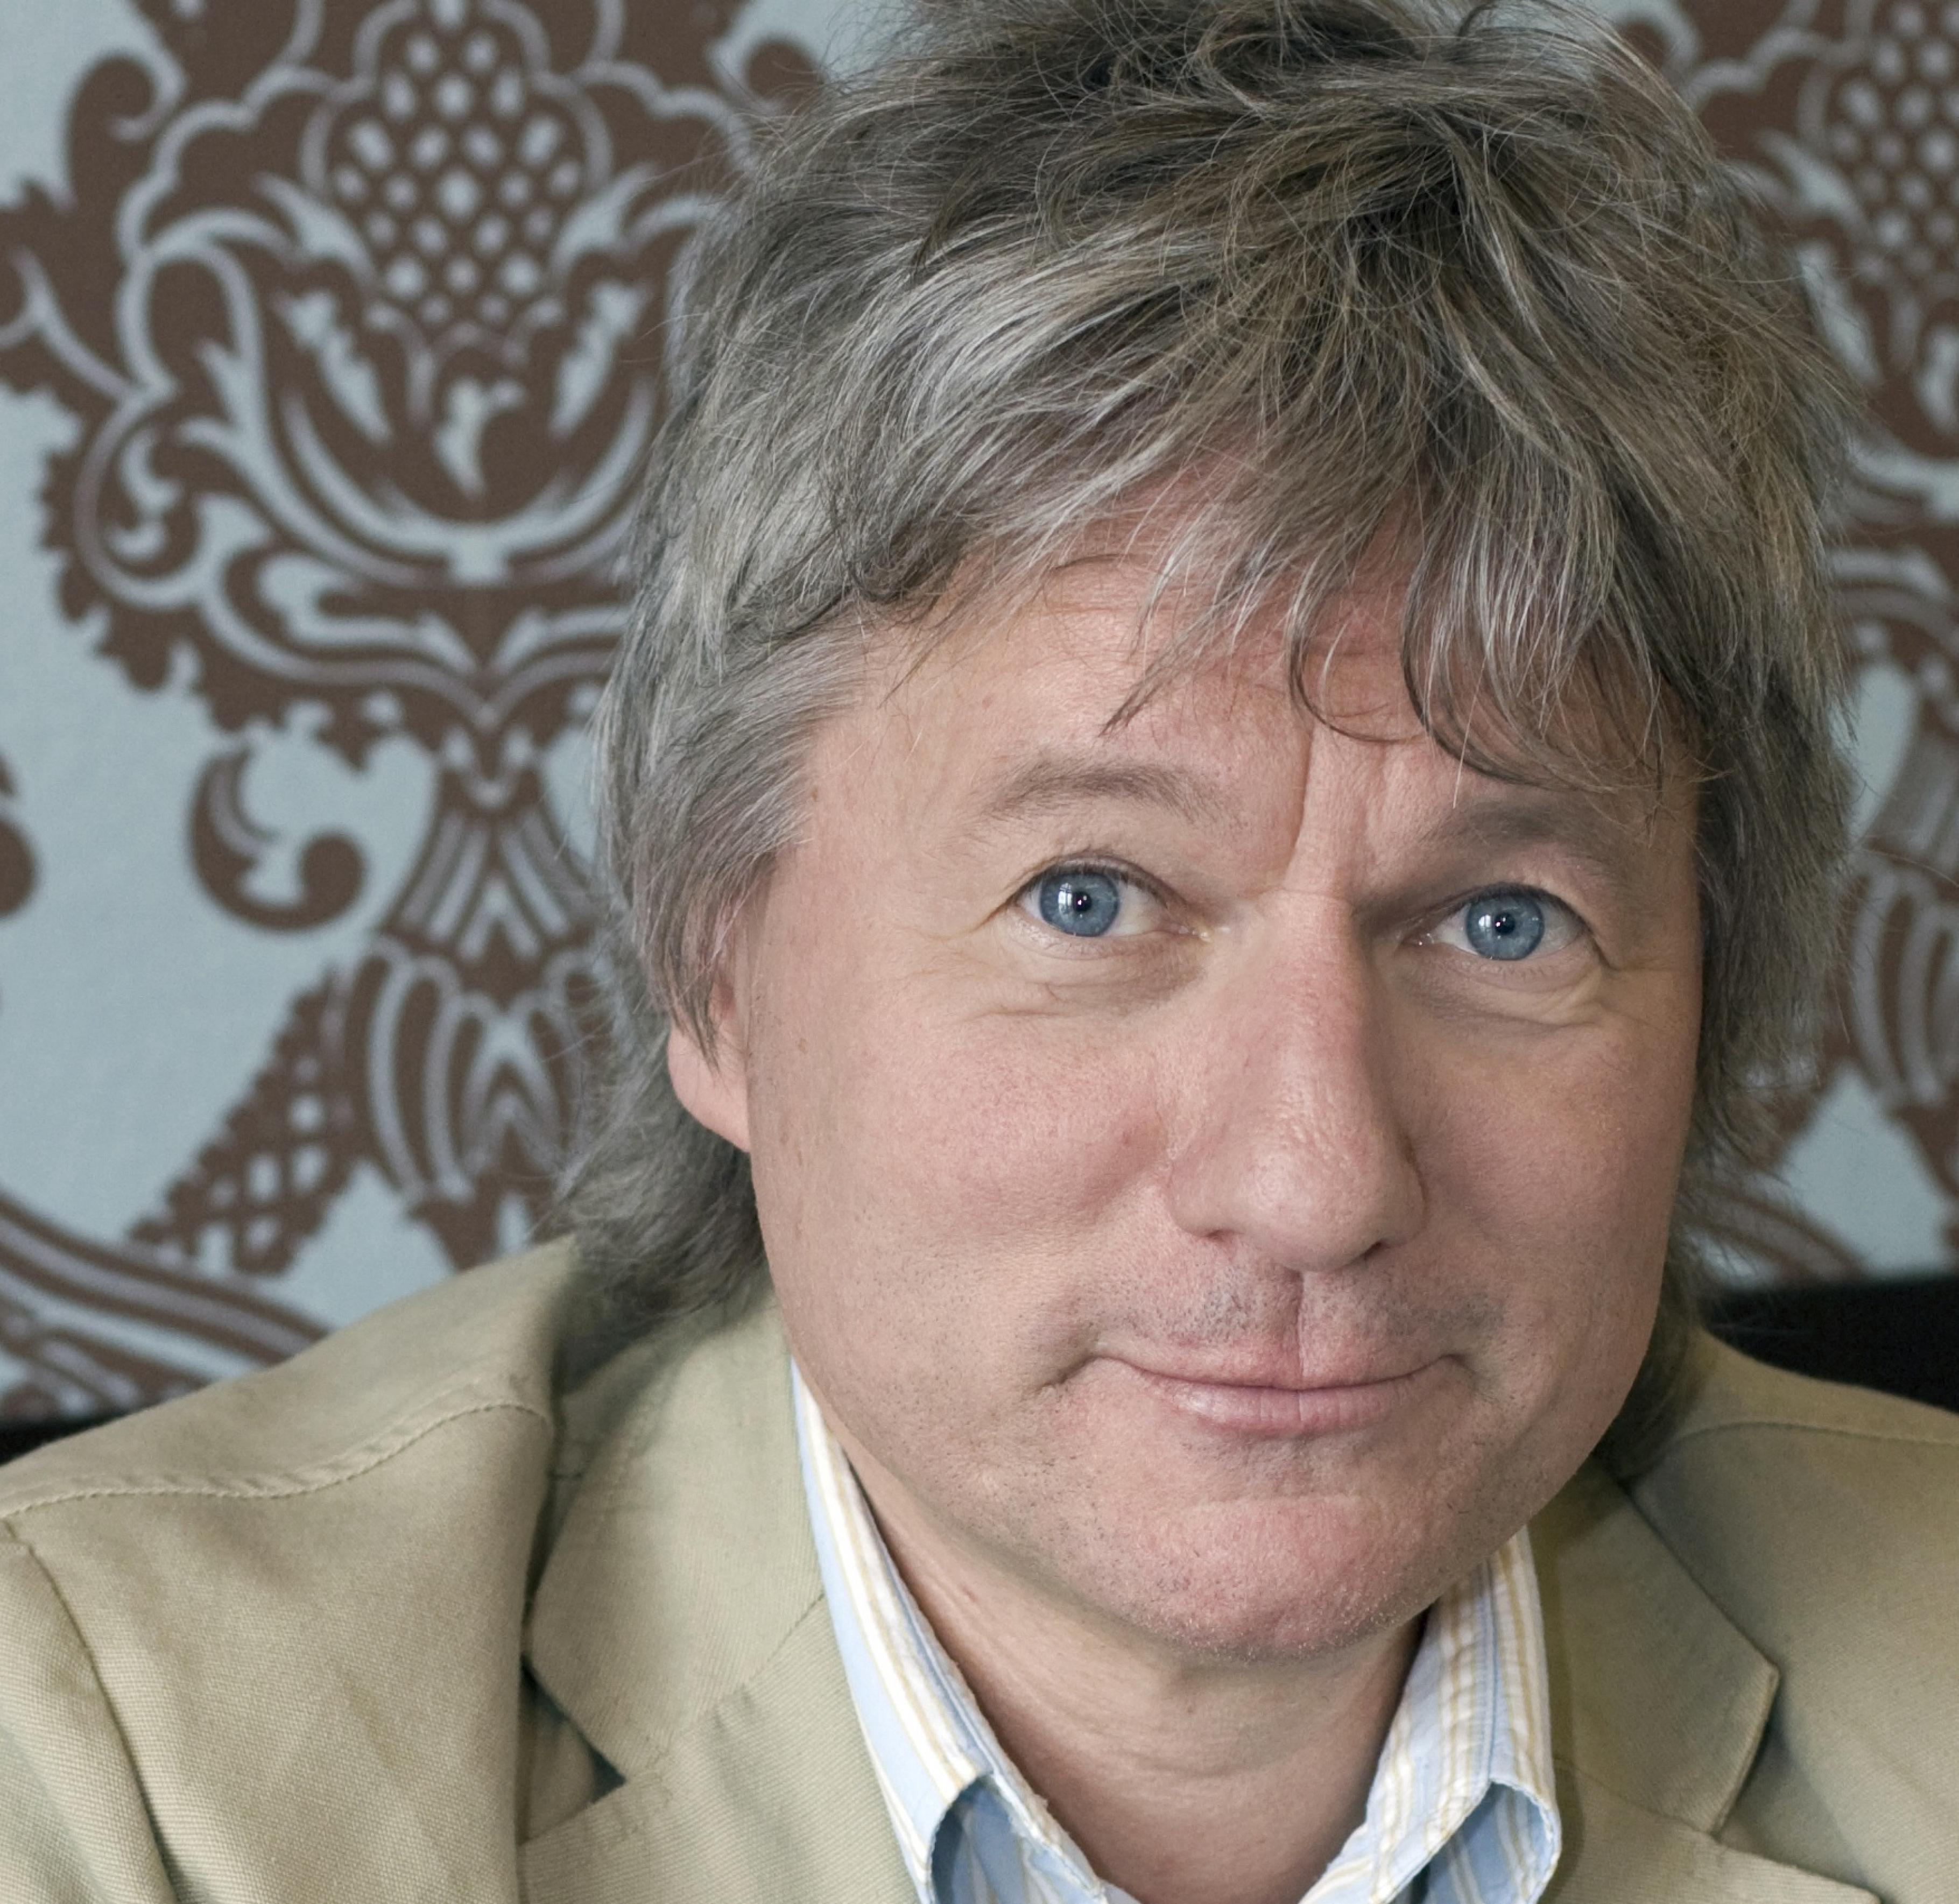 Kölner Kabarettist Jürgen Becker steht im ehrenamtlich im Oxfam Shop Köln-Südstadt an der Kasse